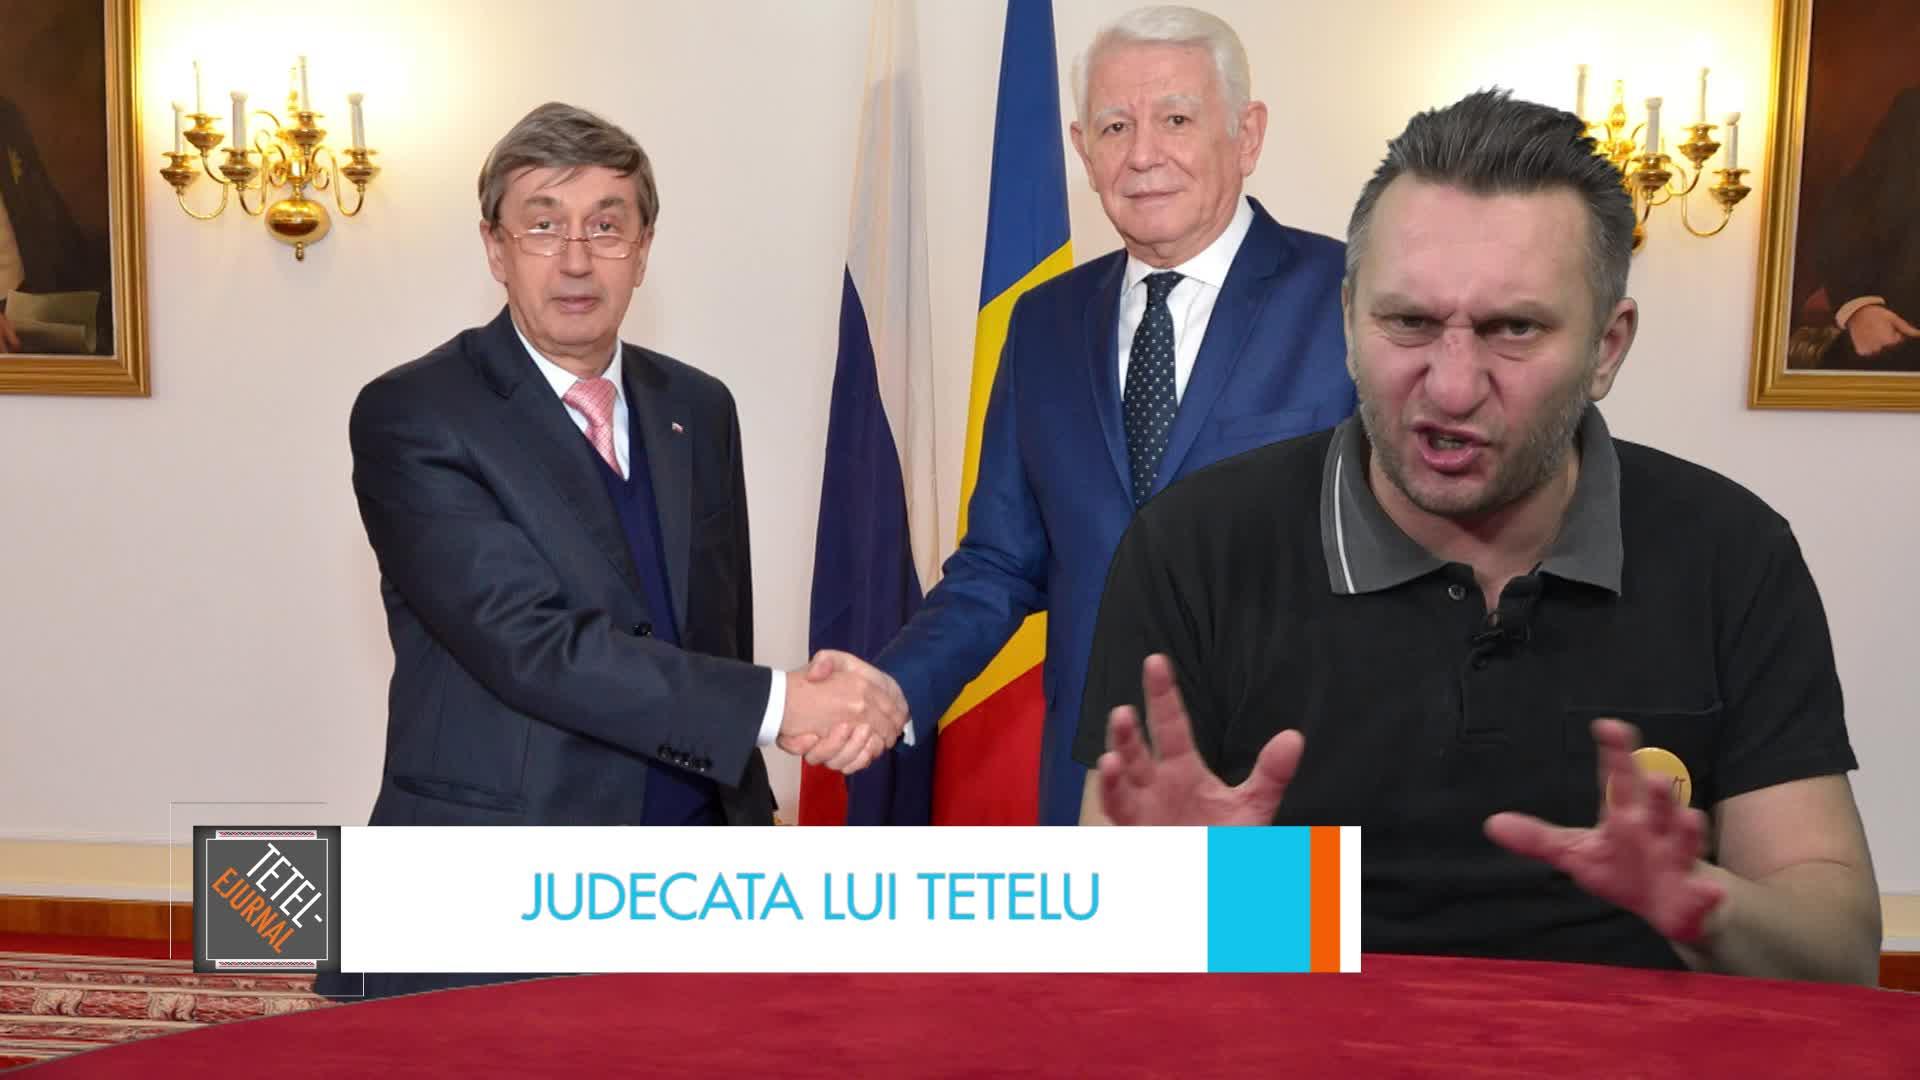 Judecata lui Tetelu: Relaţia cu Rusia